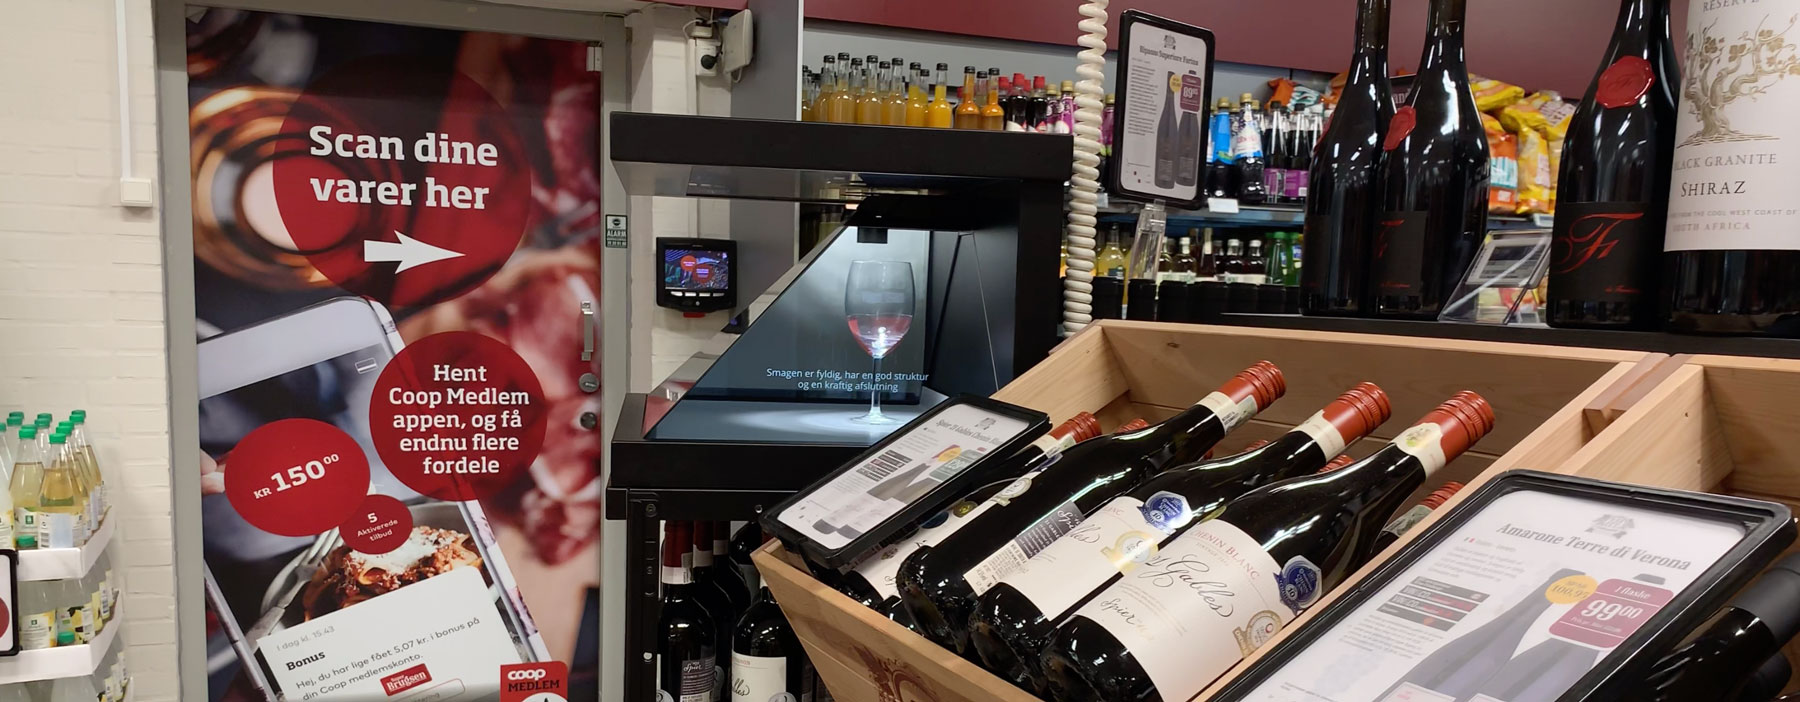 Superbrugsen-vin